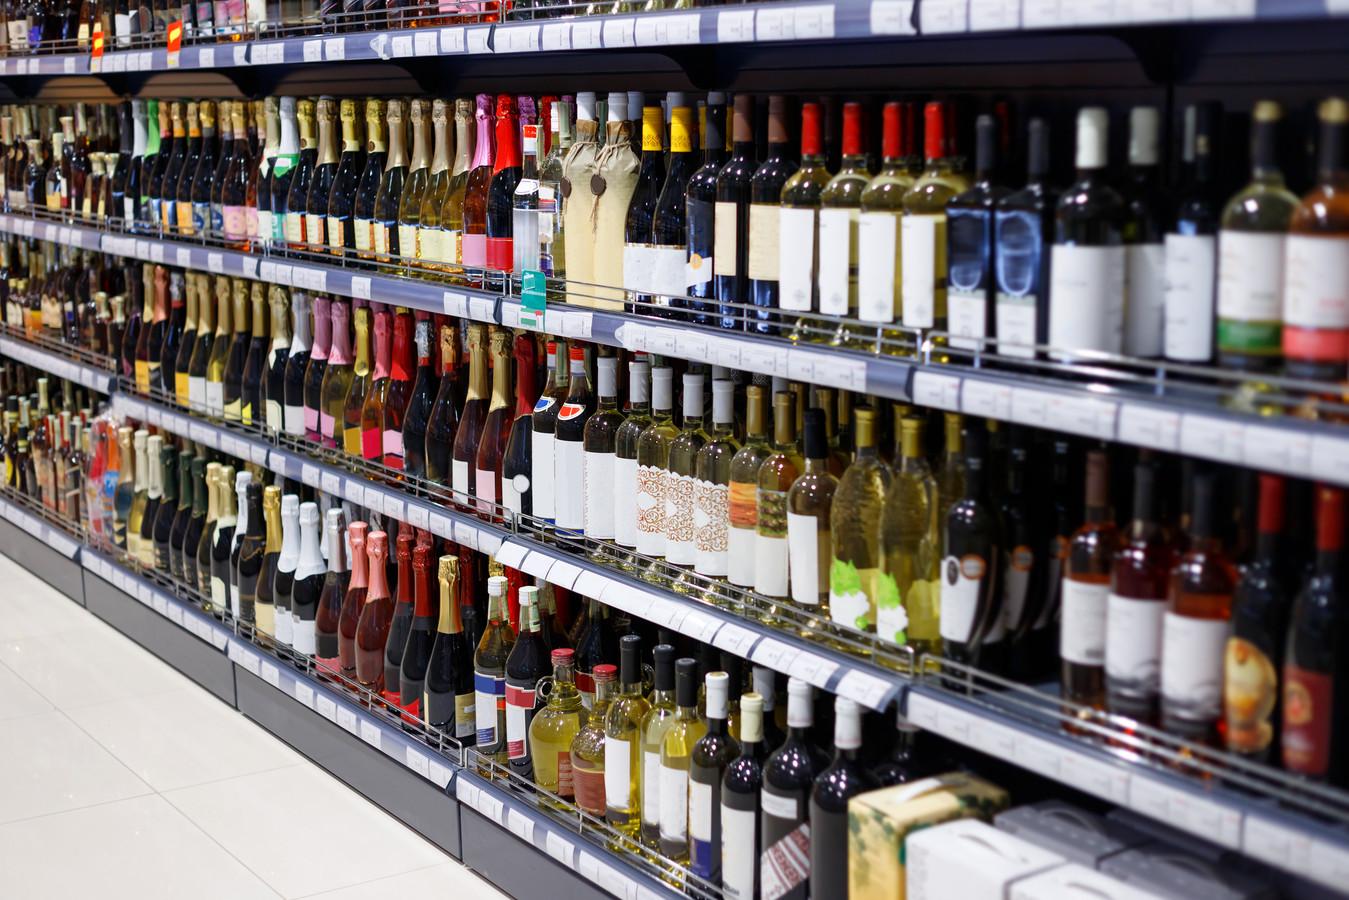 Alcoholaanbiedingen worden vanaf 1 juli aan banden gelegd: boven de 25 procent korting geven mag niet meer.